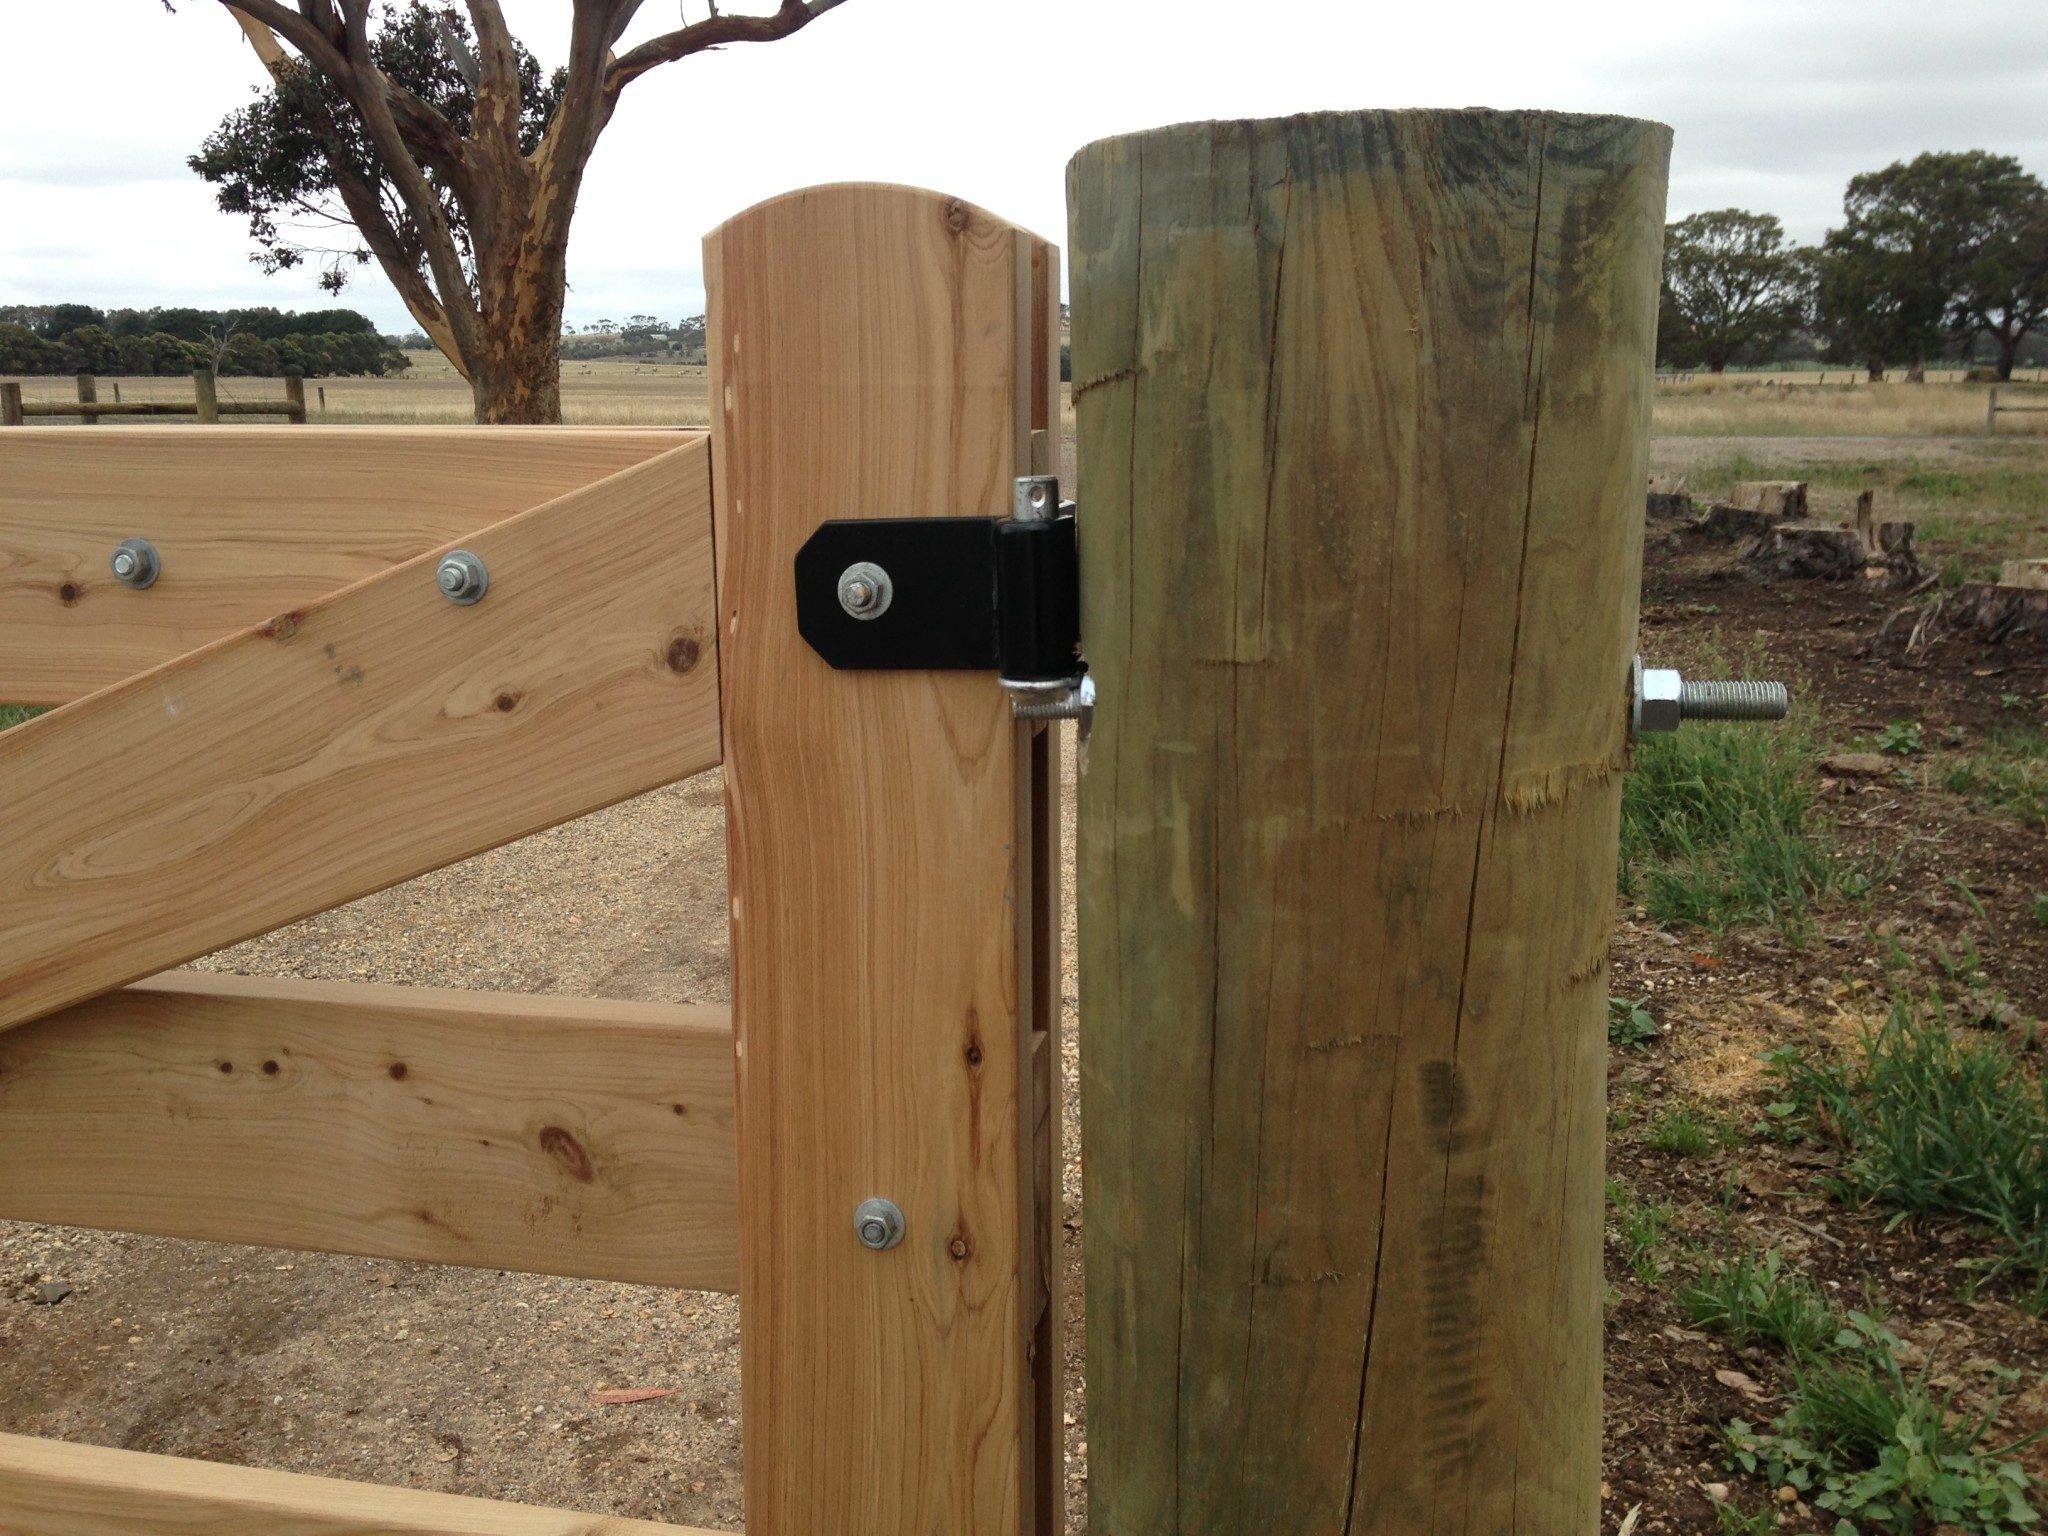 Barn door strap hinges - Rear View Of Powder Coated Corner Eye Strap Hinge